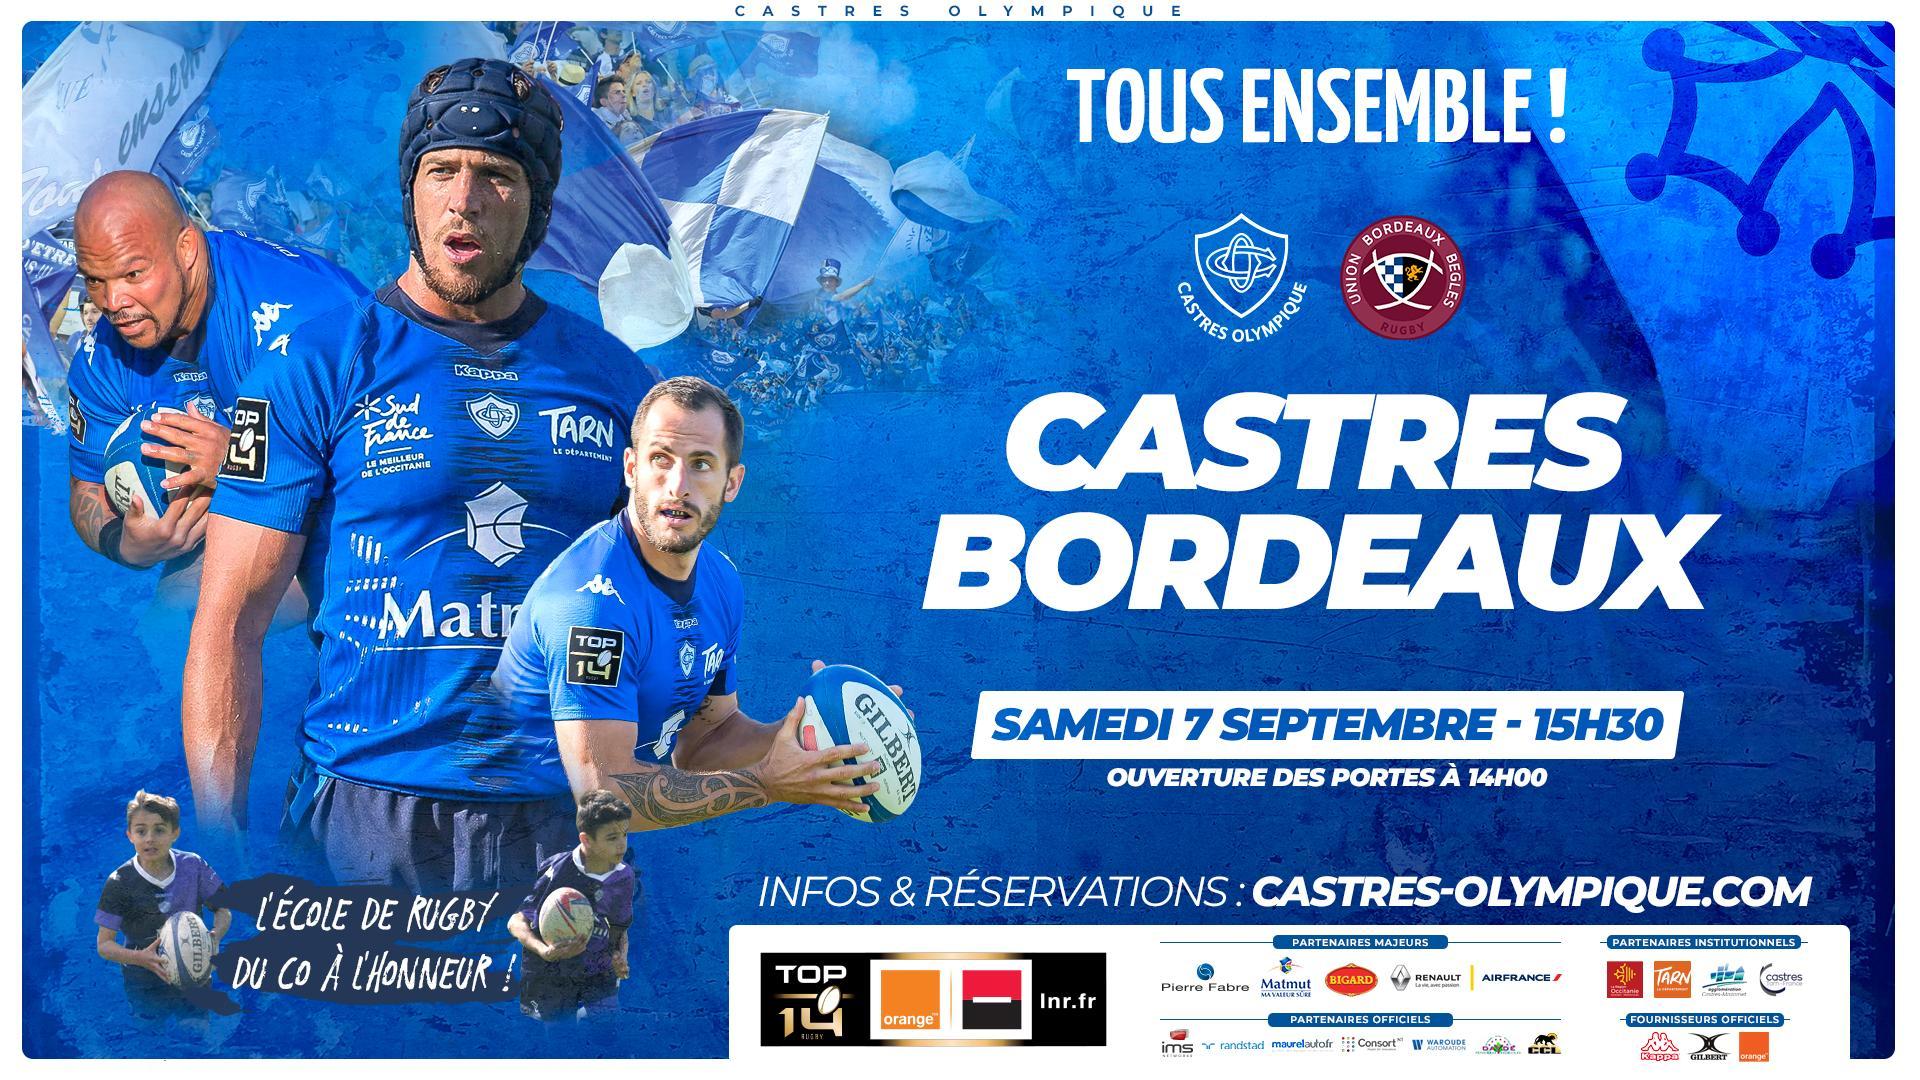 Top14 - 3ème journée : Castres / UBB - Page 4 EDEcEK0XUAEf1XM?format=jpg&name=large